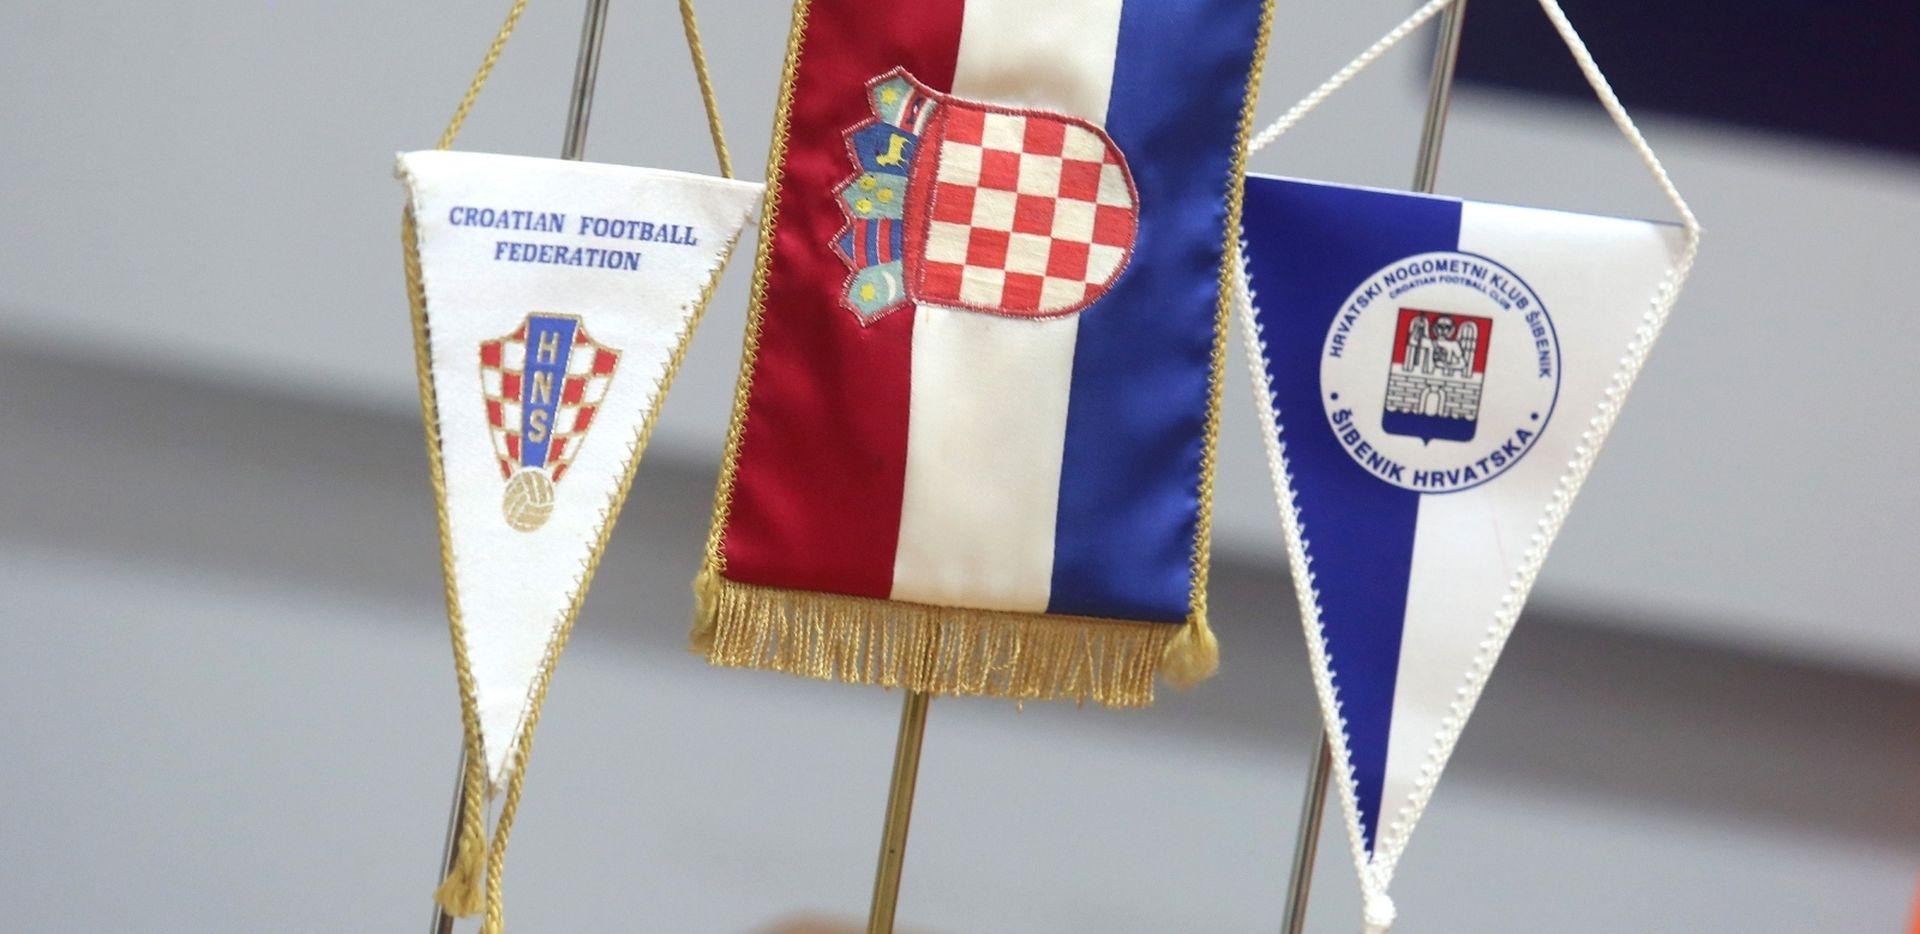 Zbog utakmice Šibenika i Hajduka blokada grada